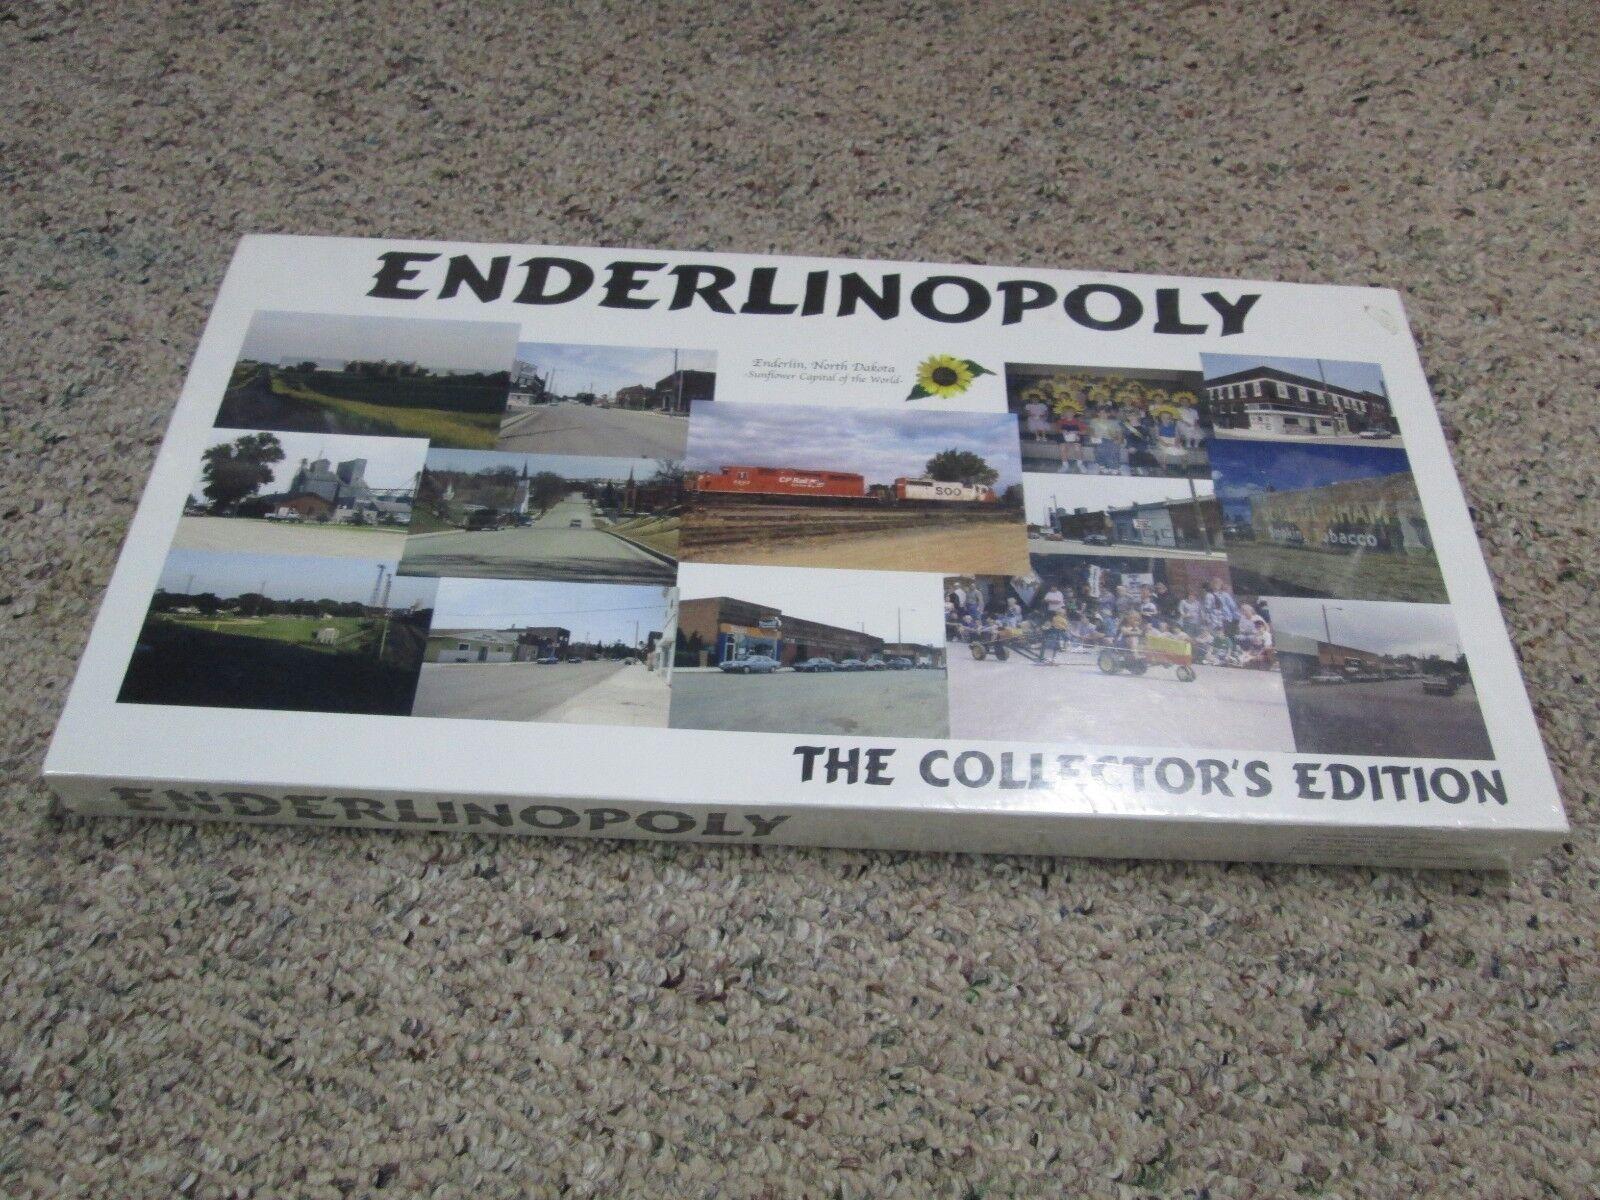 ENDERLINOPOLY GAME Enderlin North Dakota MONOPOLY MONOPOLY MONOPOLY Collector's Edition Game ae558e